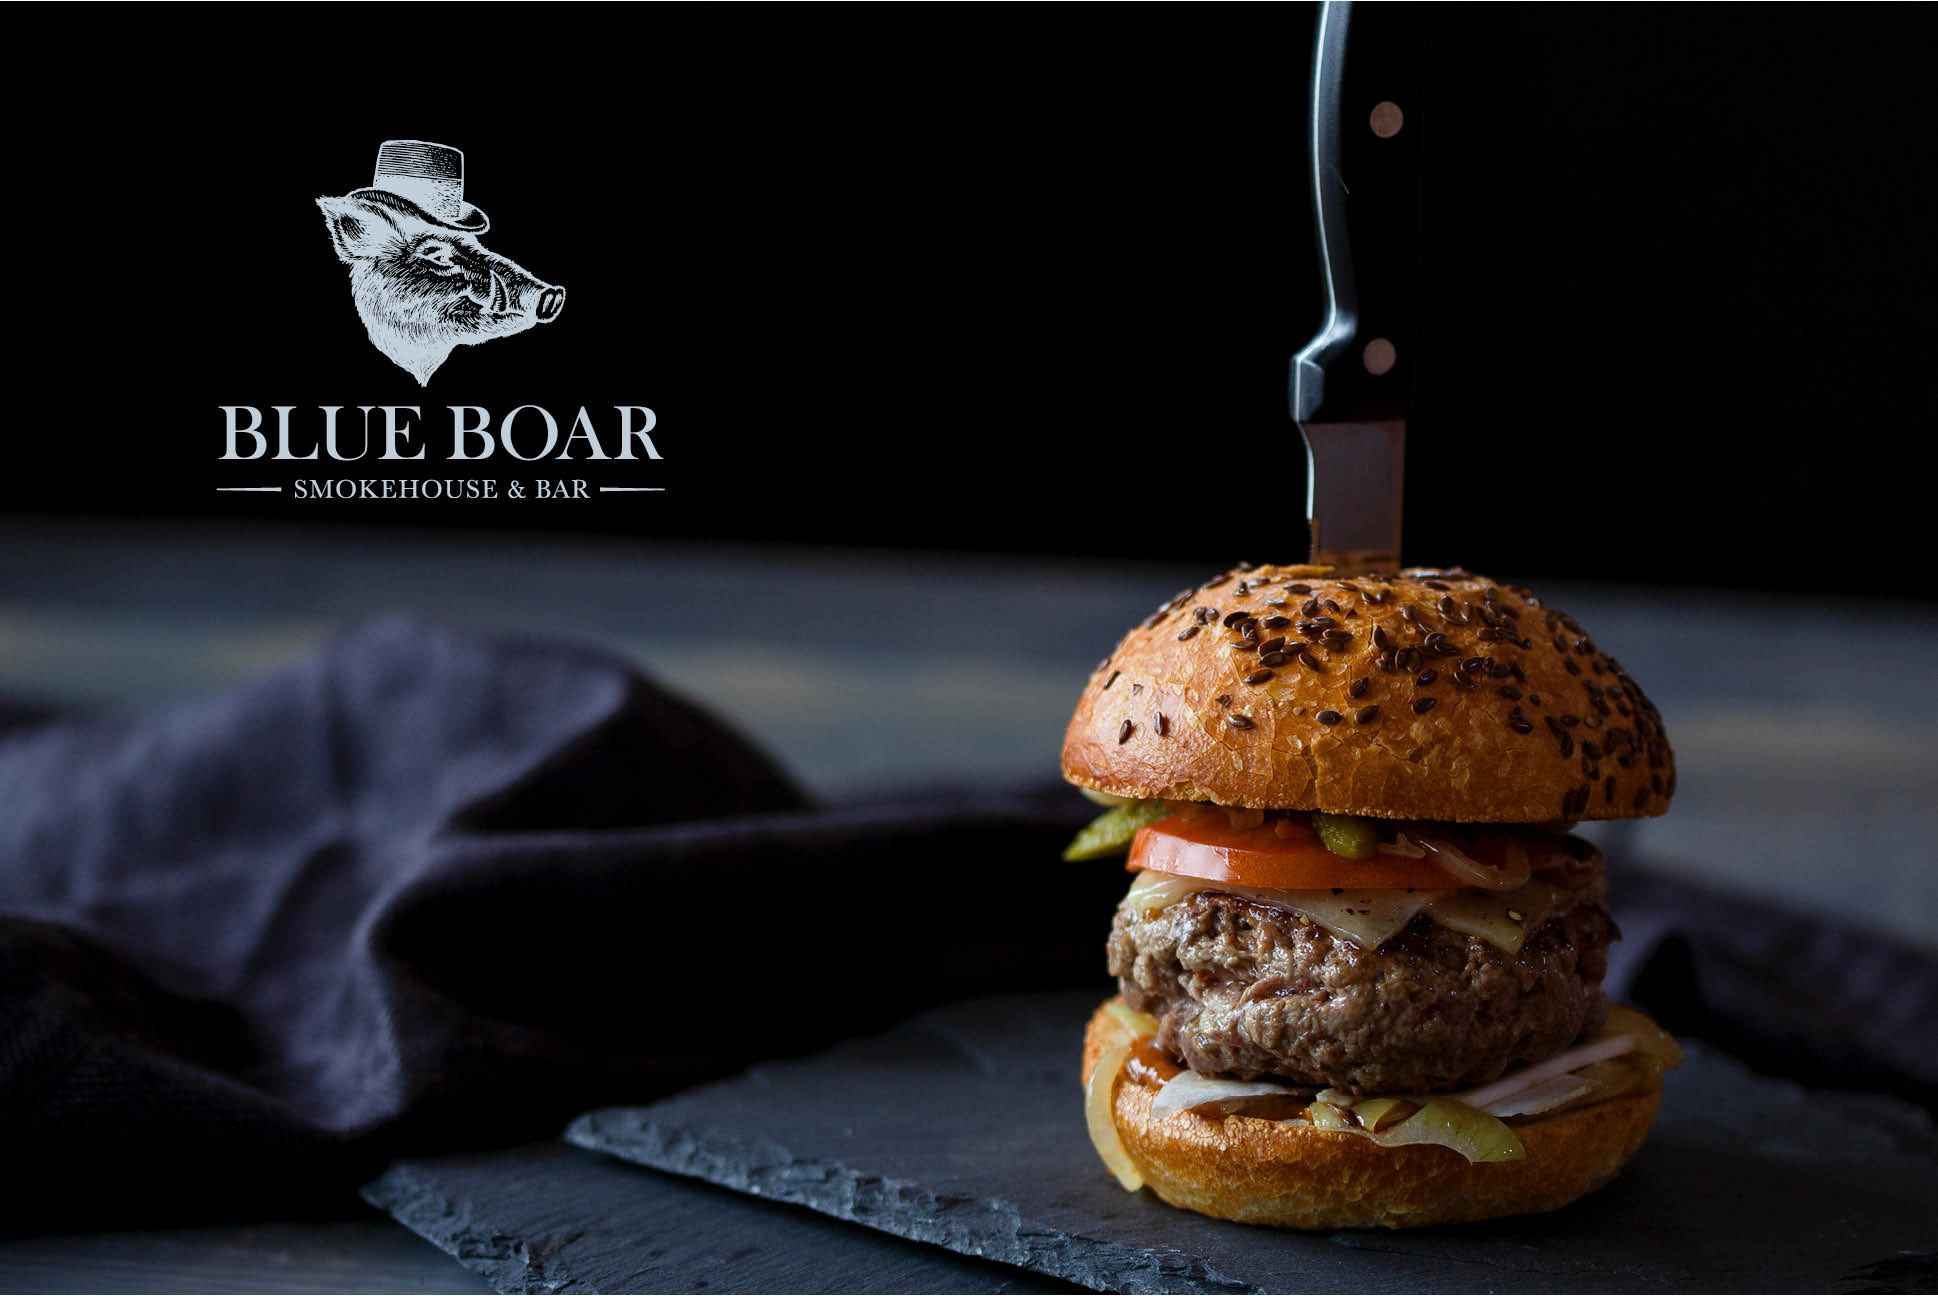 Blue Boar Branding